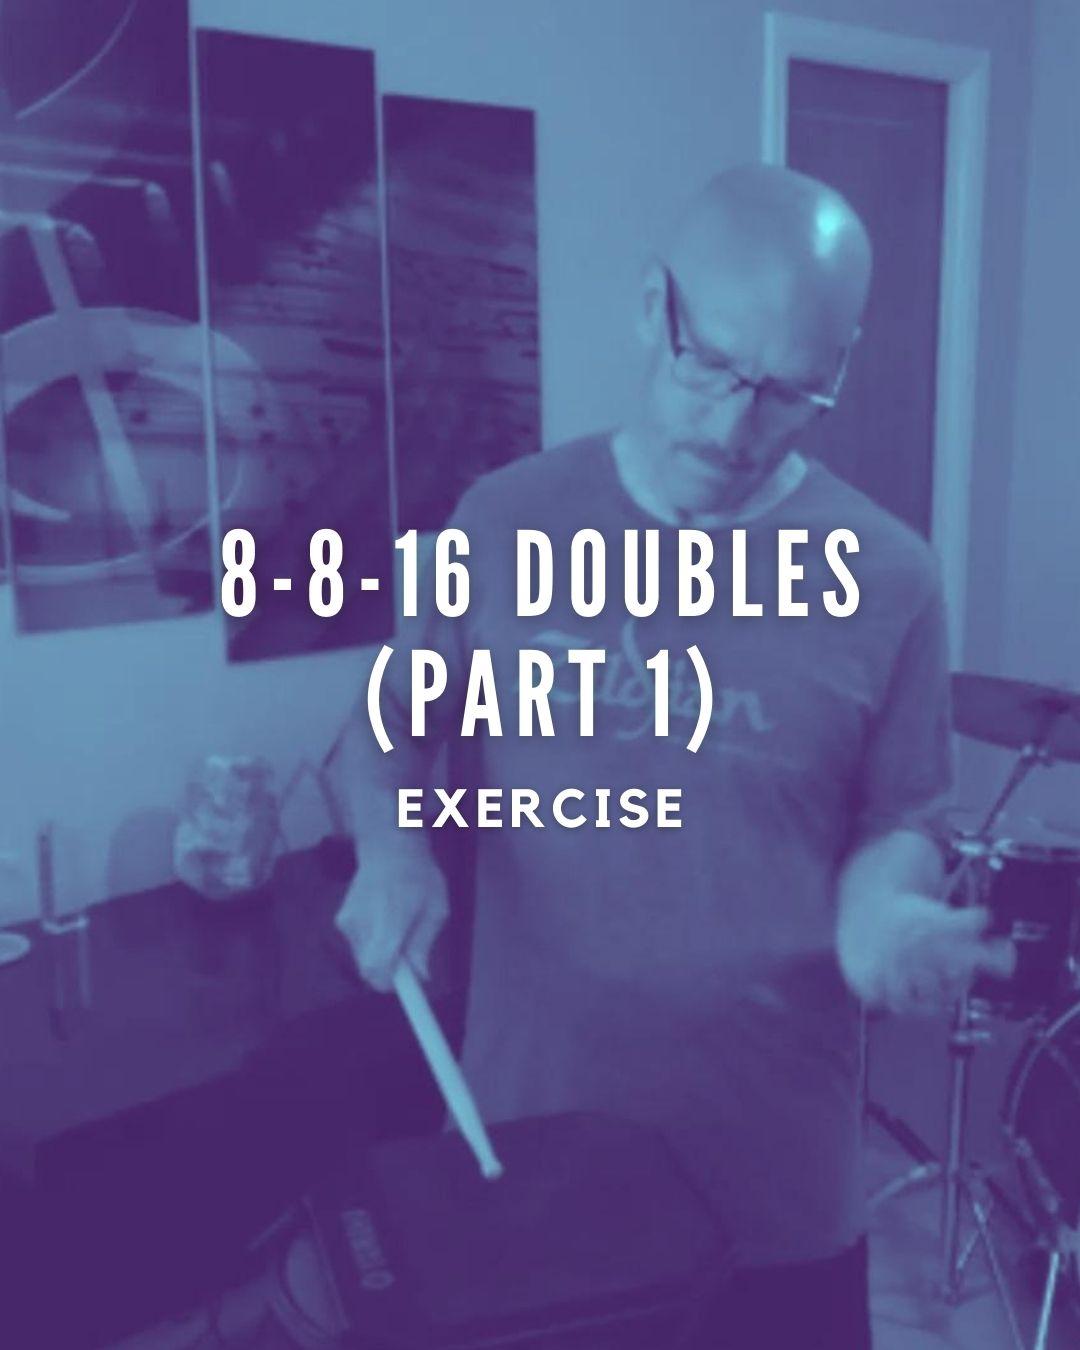 8-8-16 Doubles Part 1